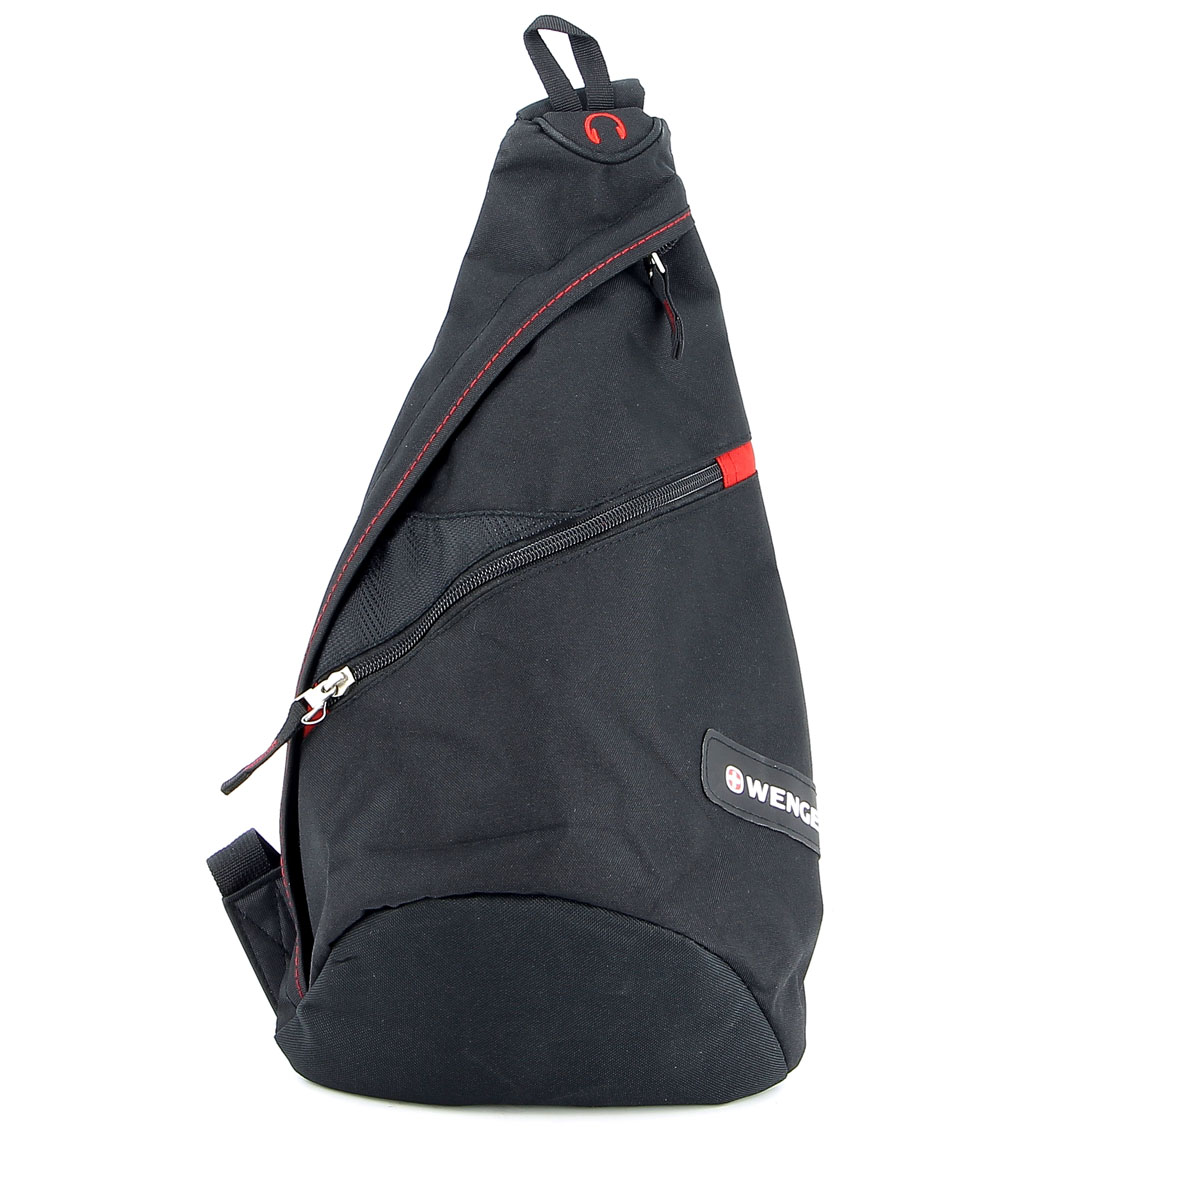 Рюкзак Wenger, с одним плечевым ремнем, цвет: черный, красный, 25 см x 15 см x 45 см, 7 л цена 2017